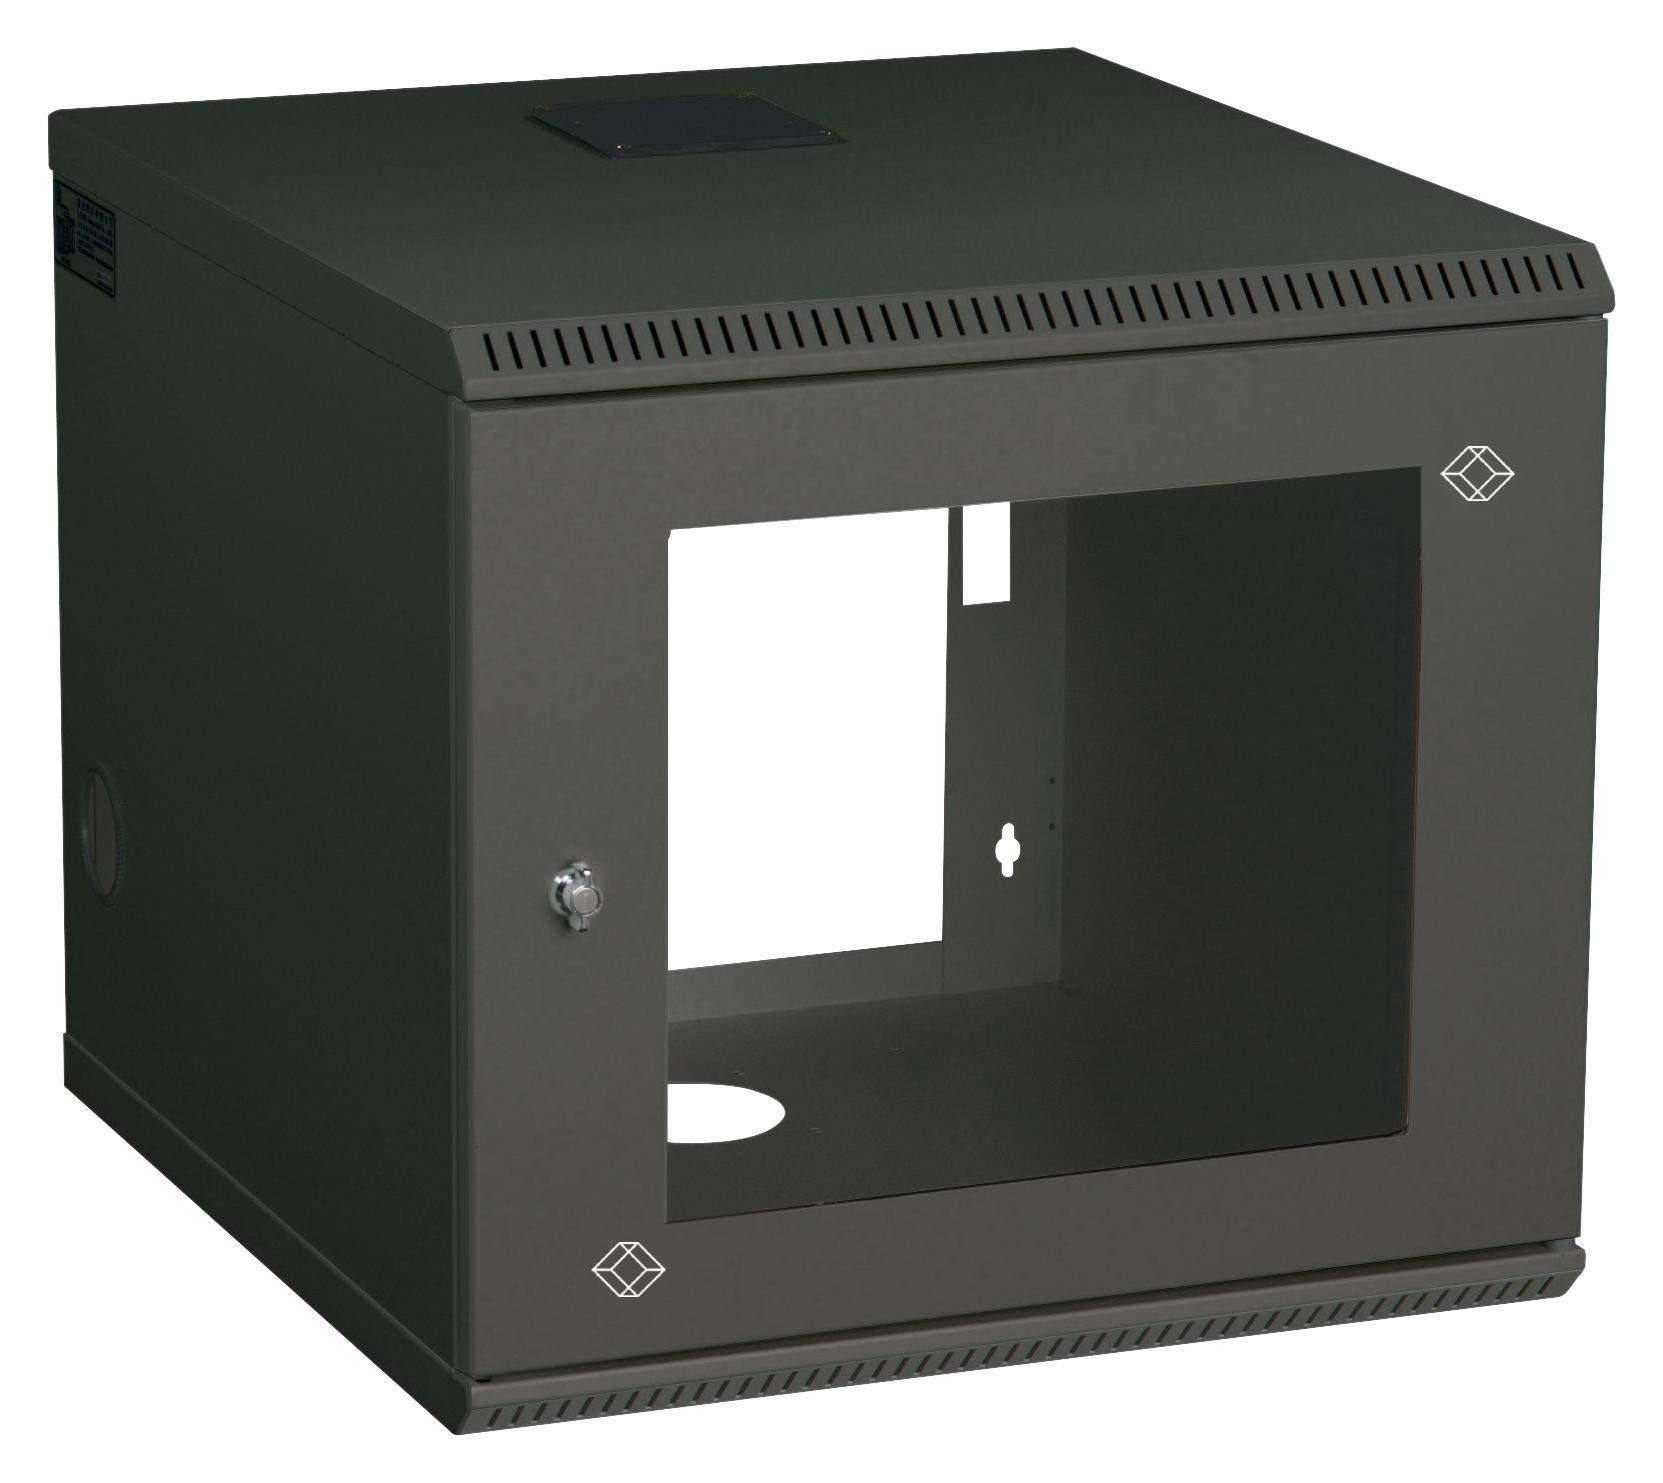 RM2411A - 19 Wall Cabinet, 6U, Steel, Black, 330 mm, 559 mm, 599 mm